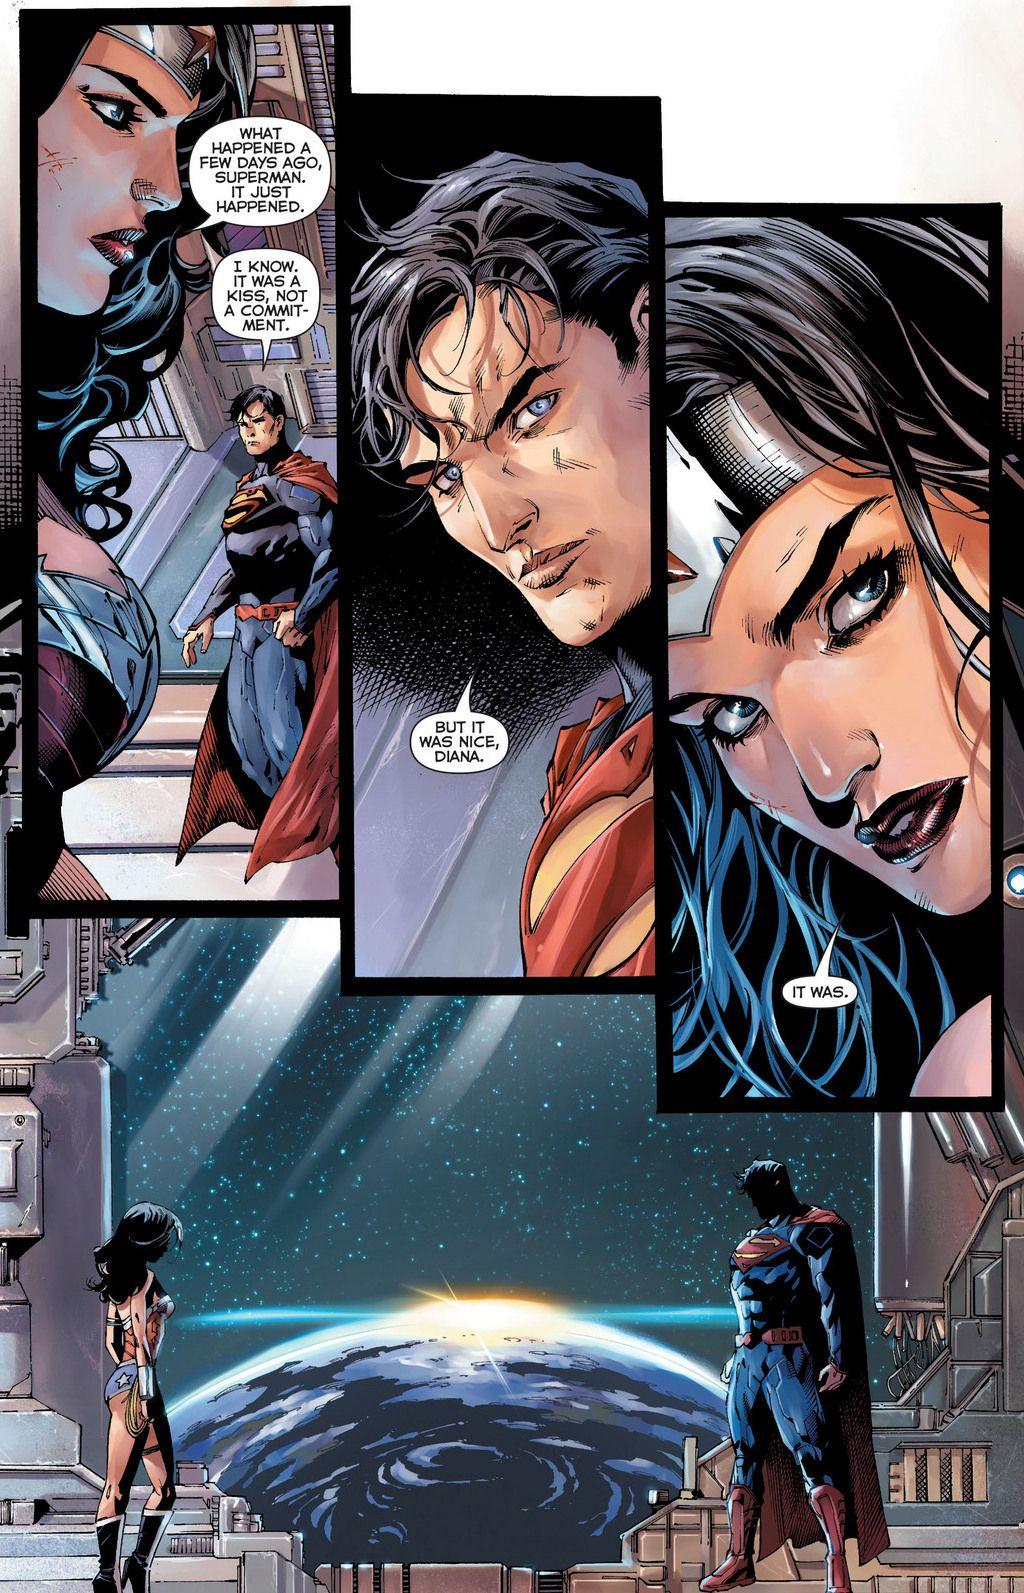 Supermanwonderwoman  Hero Tower  Superman Wonder Woman, Wonder Woman -5503